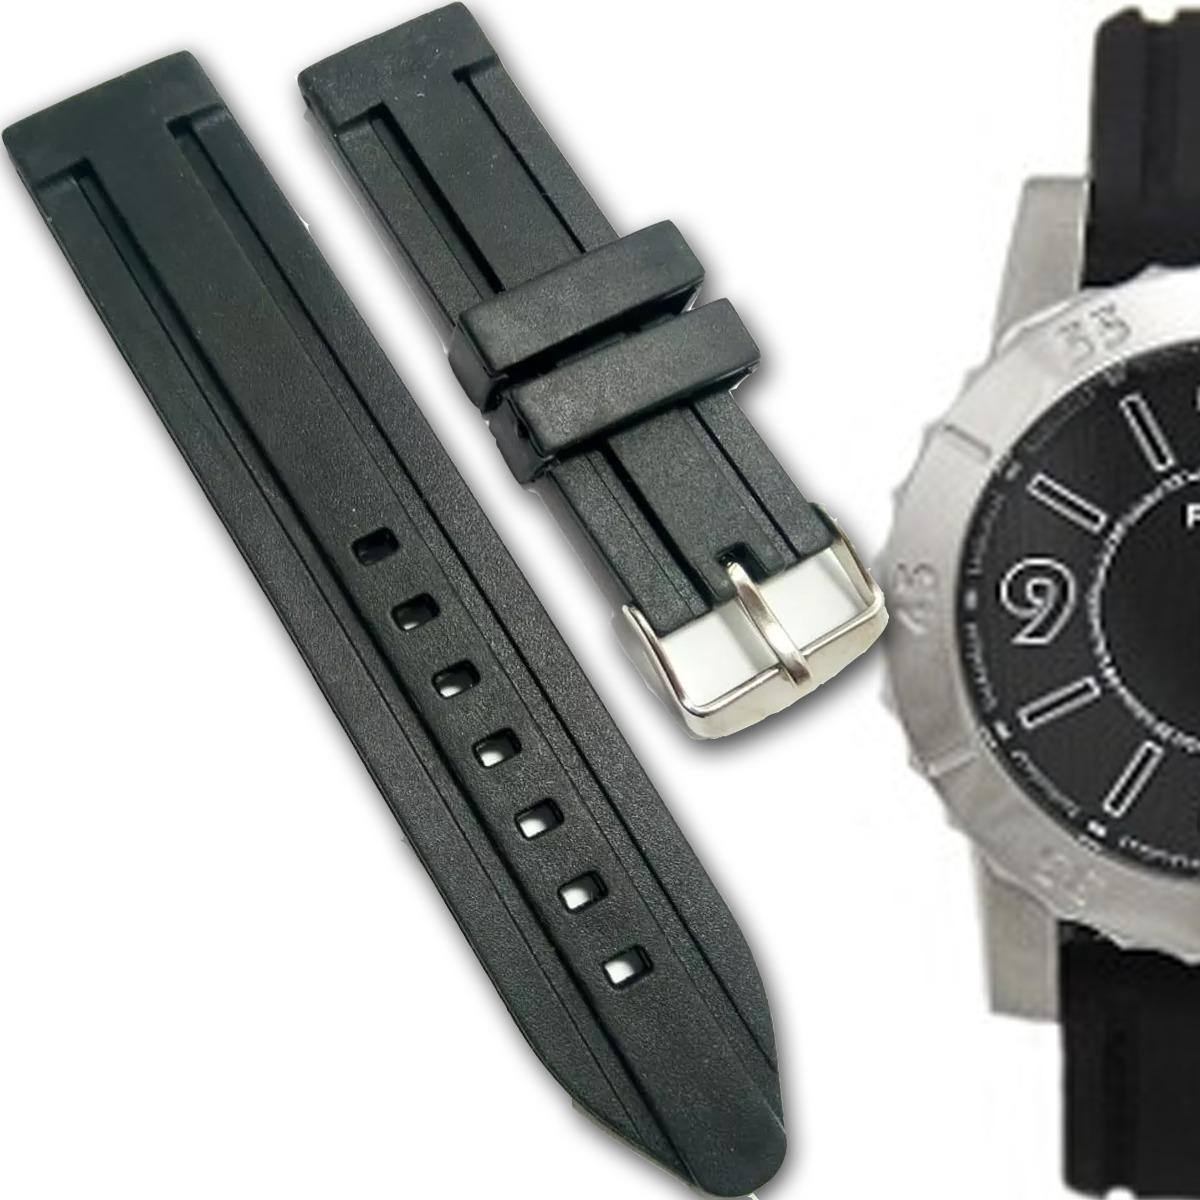 02a6542fb9c pulseira compatível relogio fossil bq1023 24mm frete 9 reais. Carregando  zoom.